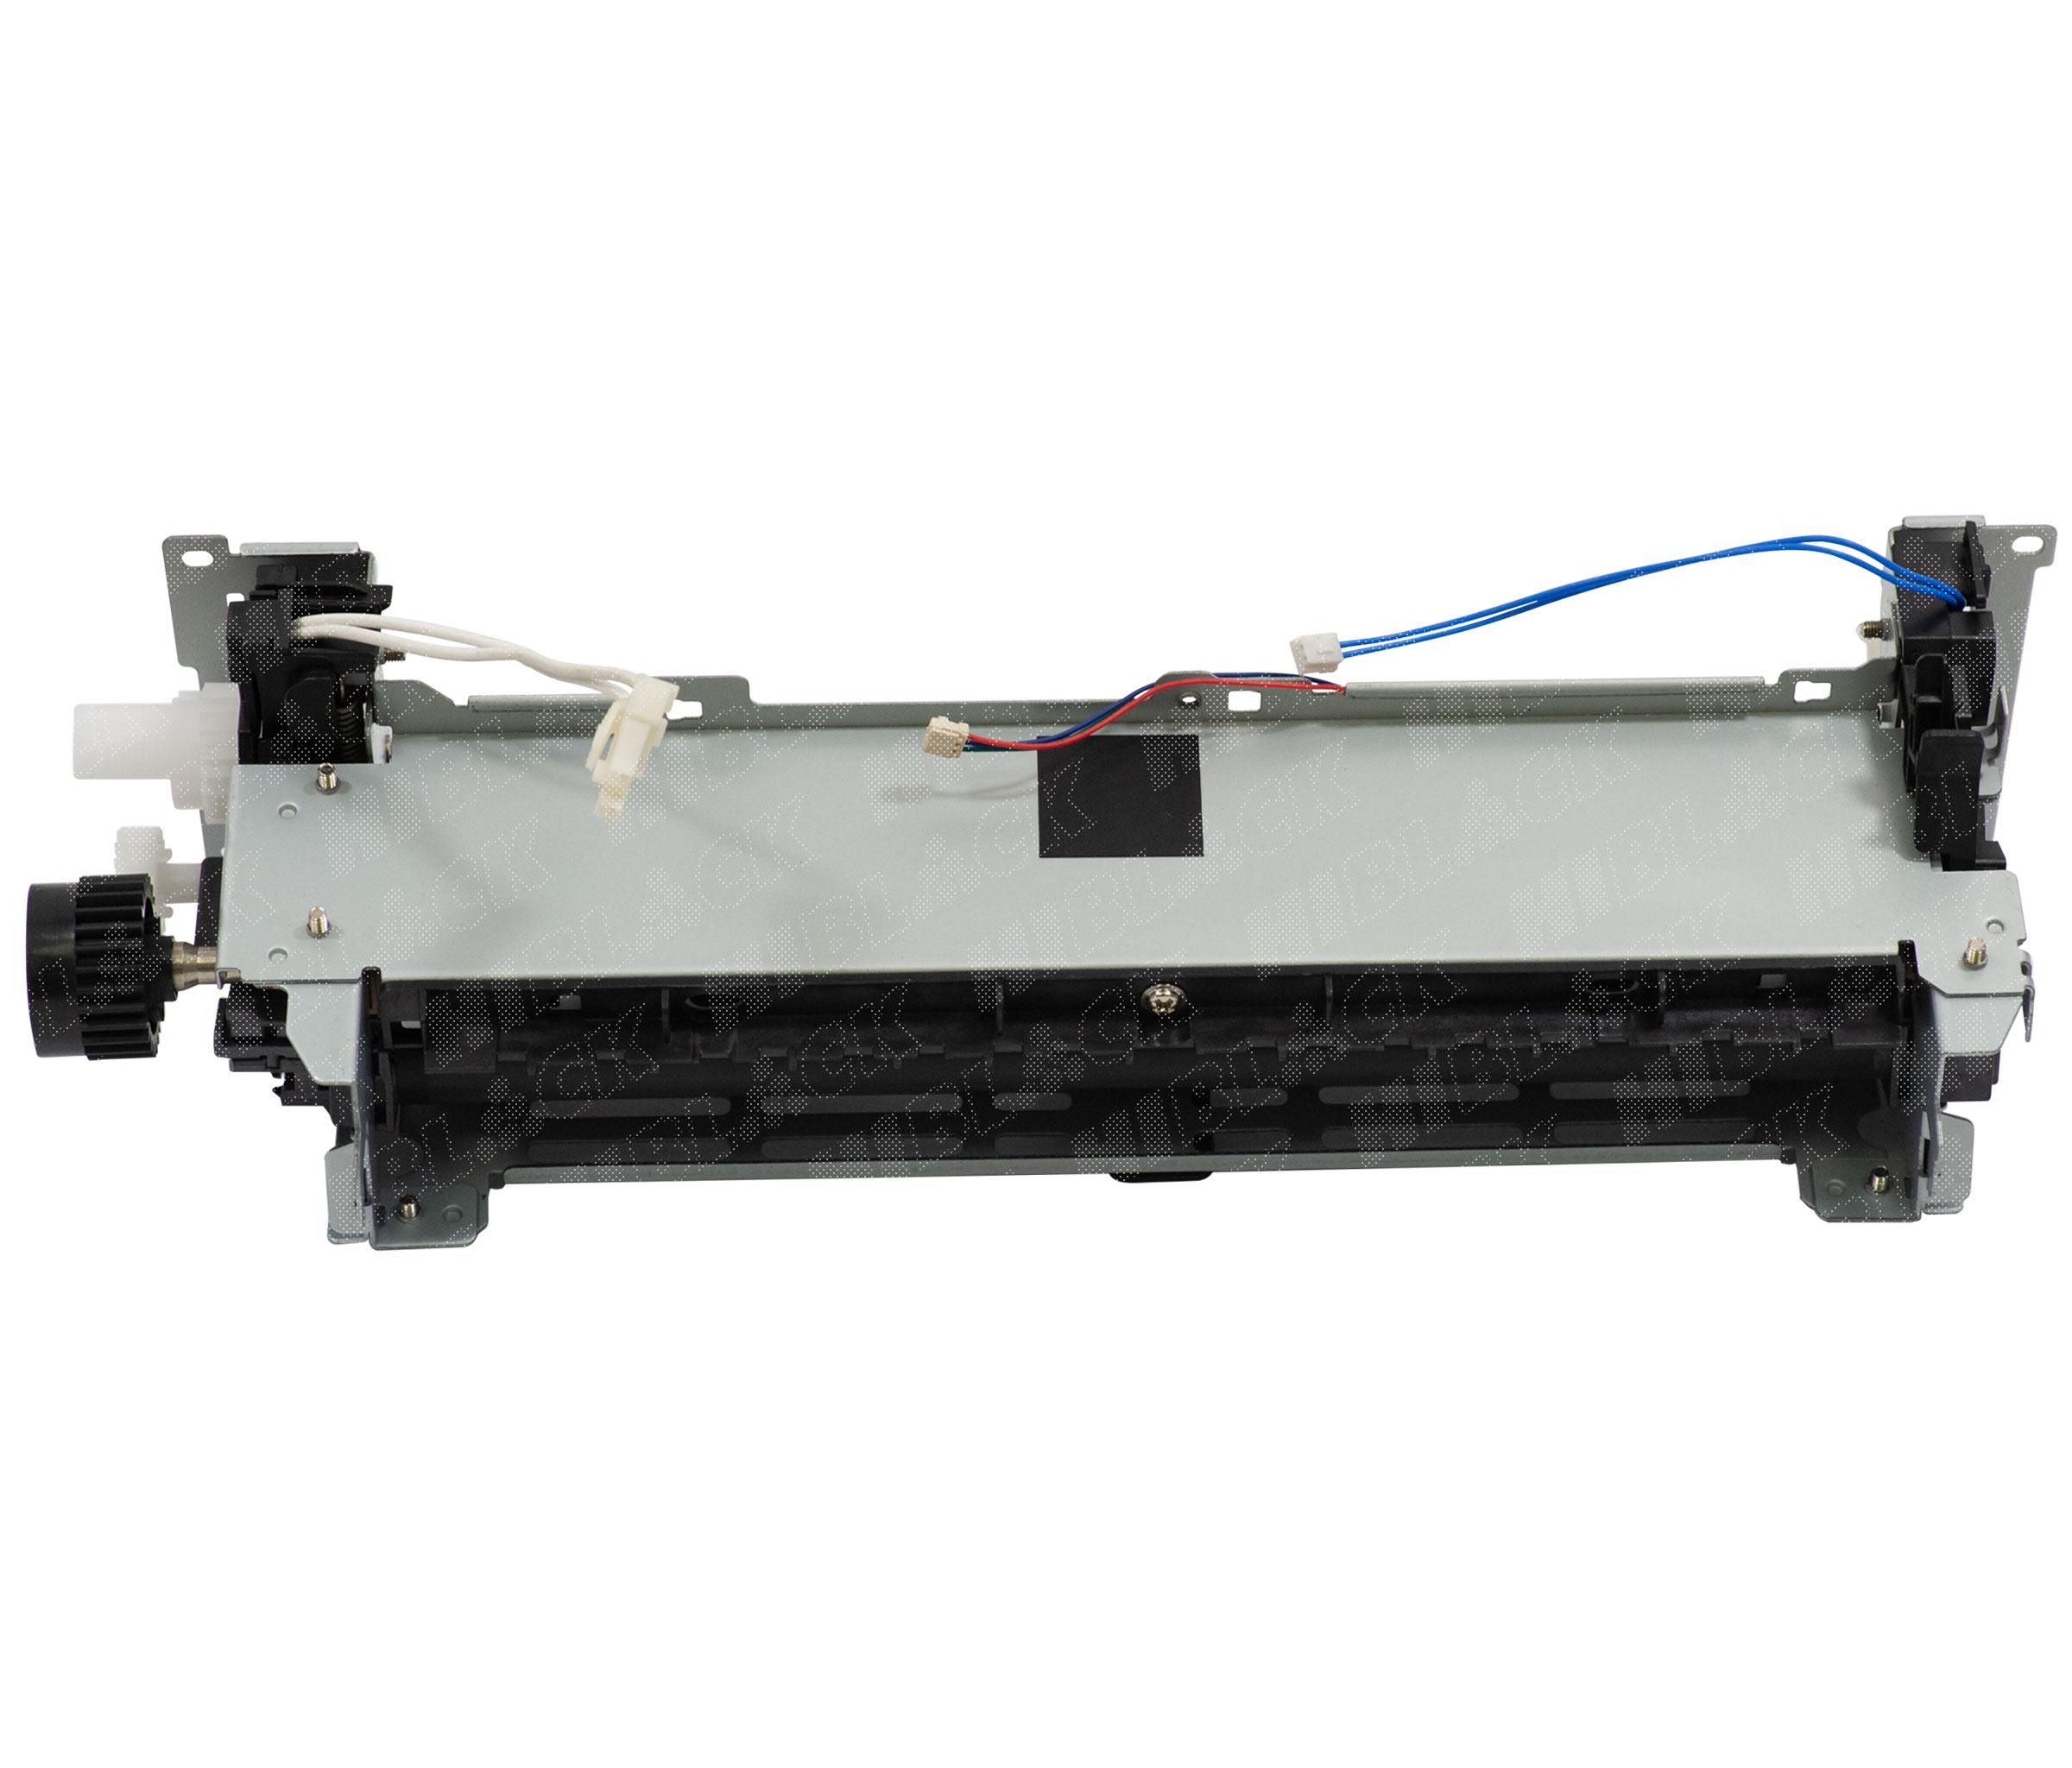 Термоузел (Печь) в сборе совм. для HP LJ Pro 400 M401/M425, ImN